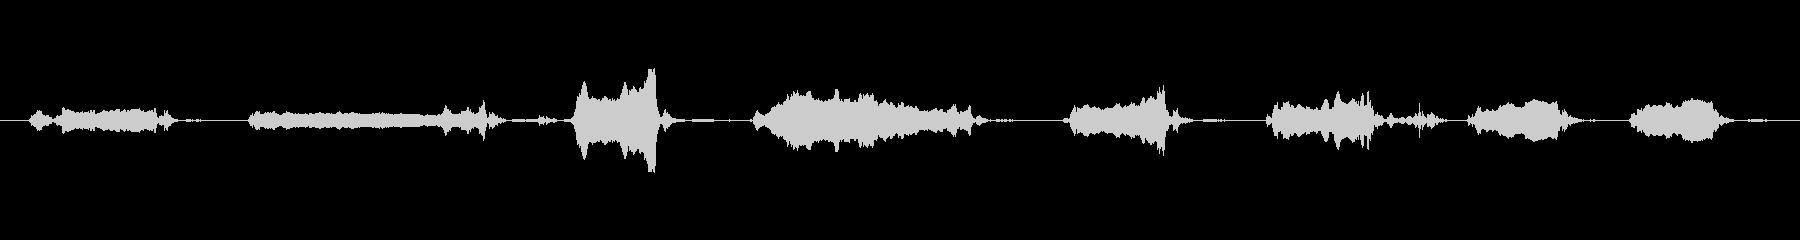 犬 GSP ワインロング04の未再生の波形